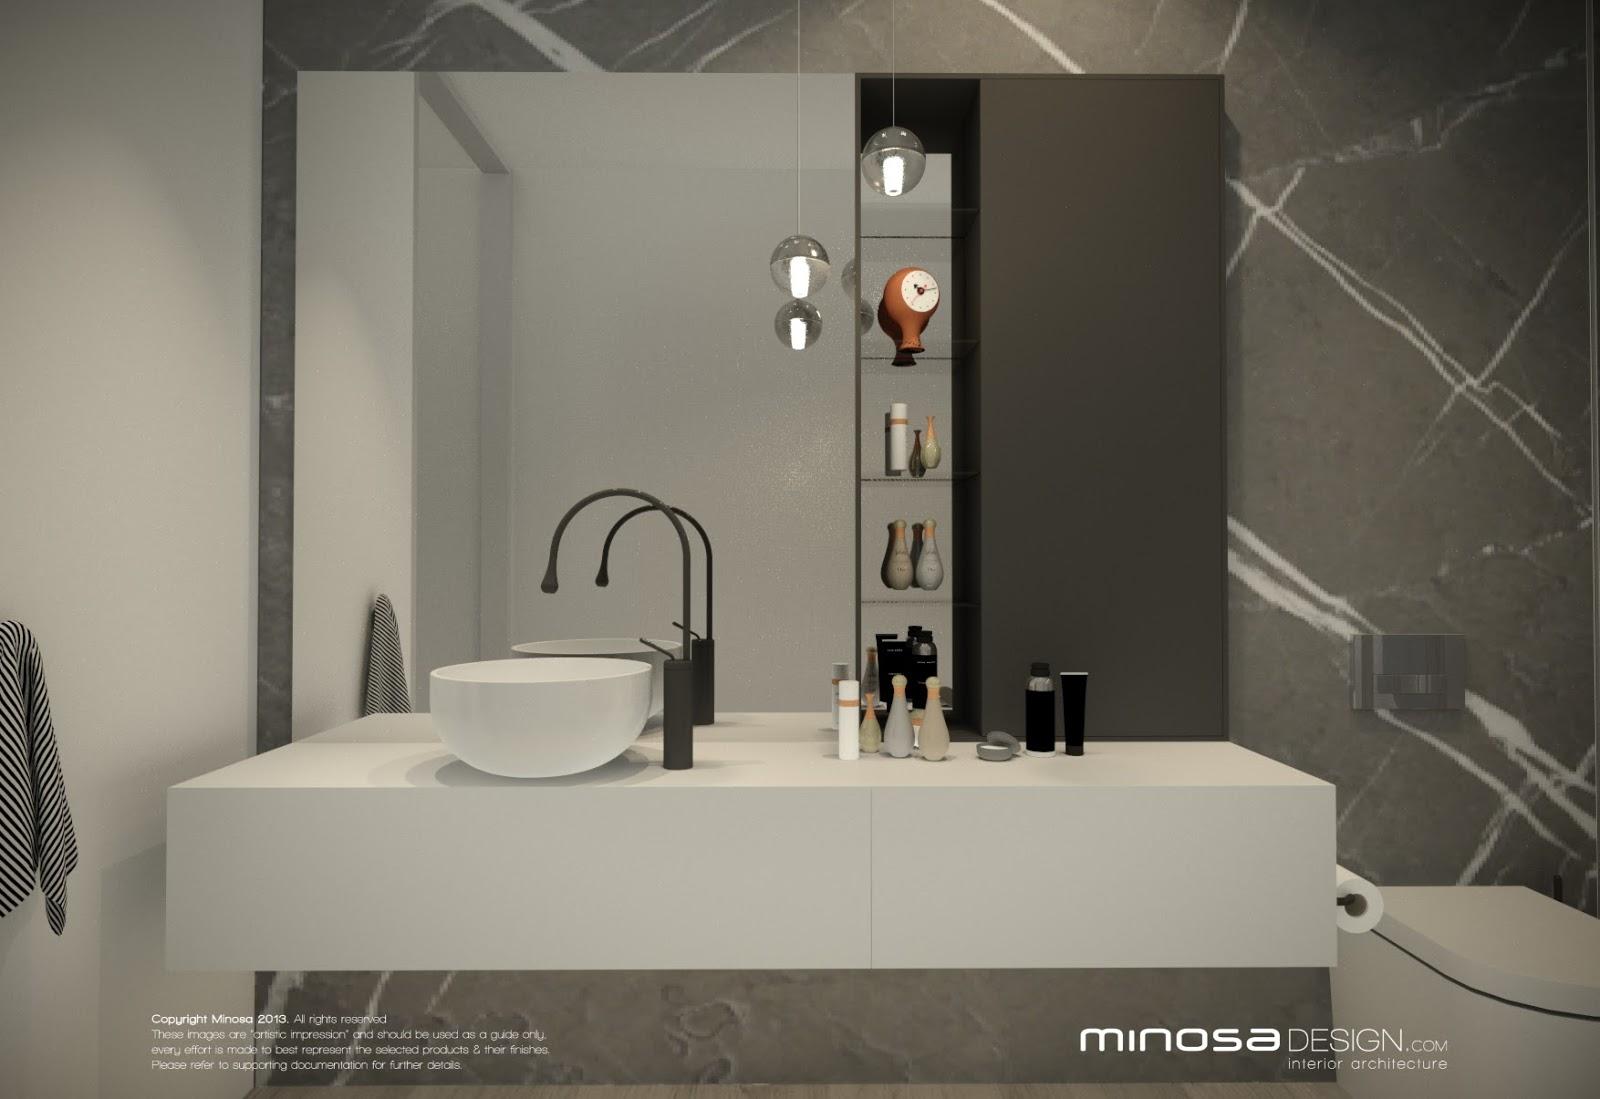 semi open plan bathroom products used are gessi goccia bathroom tapware minosa bespoke bathroom vanity unit pietra grey marble bathroom